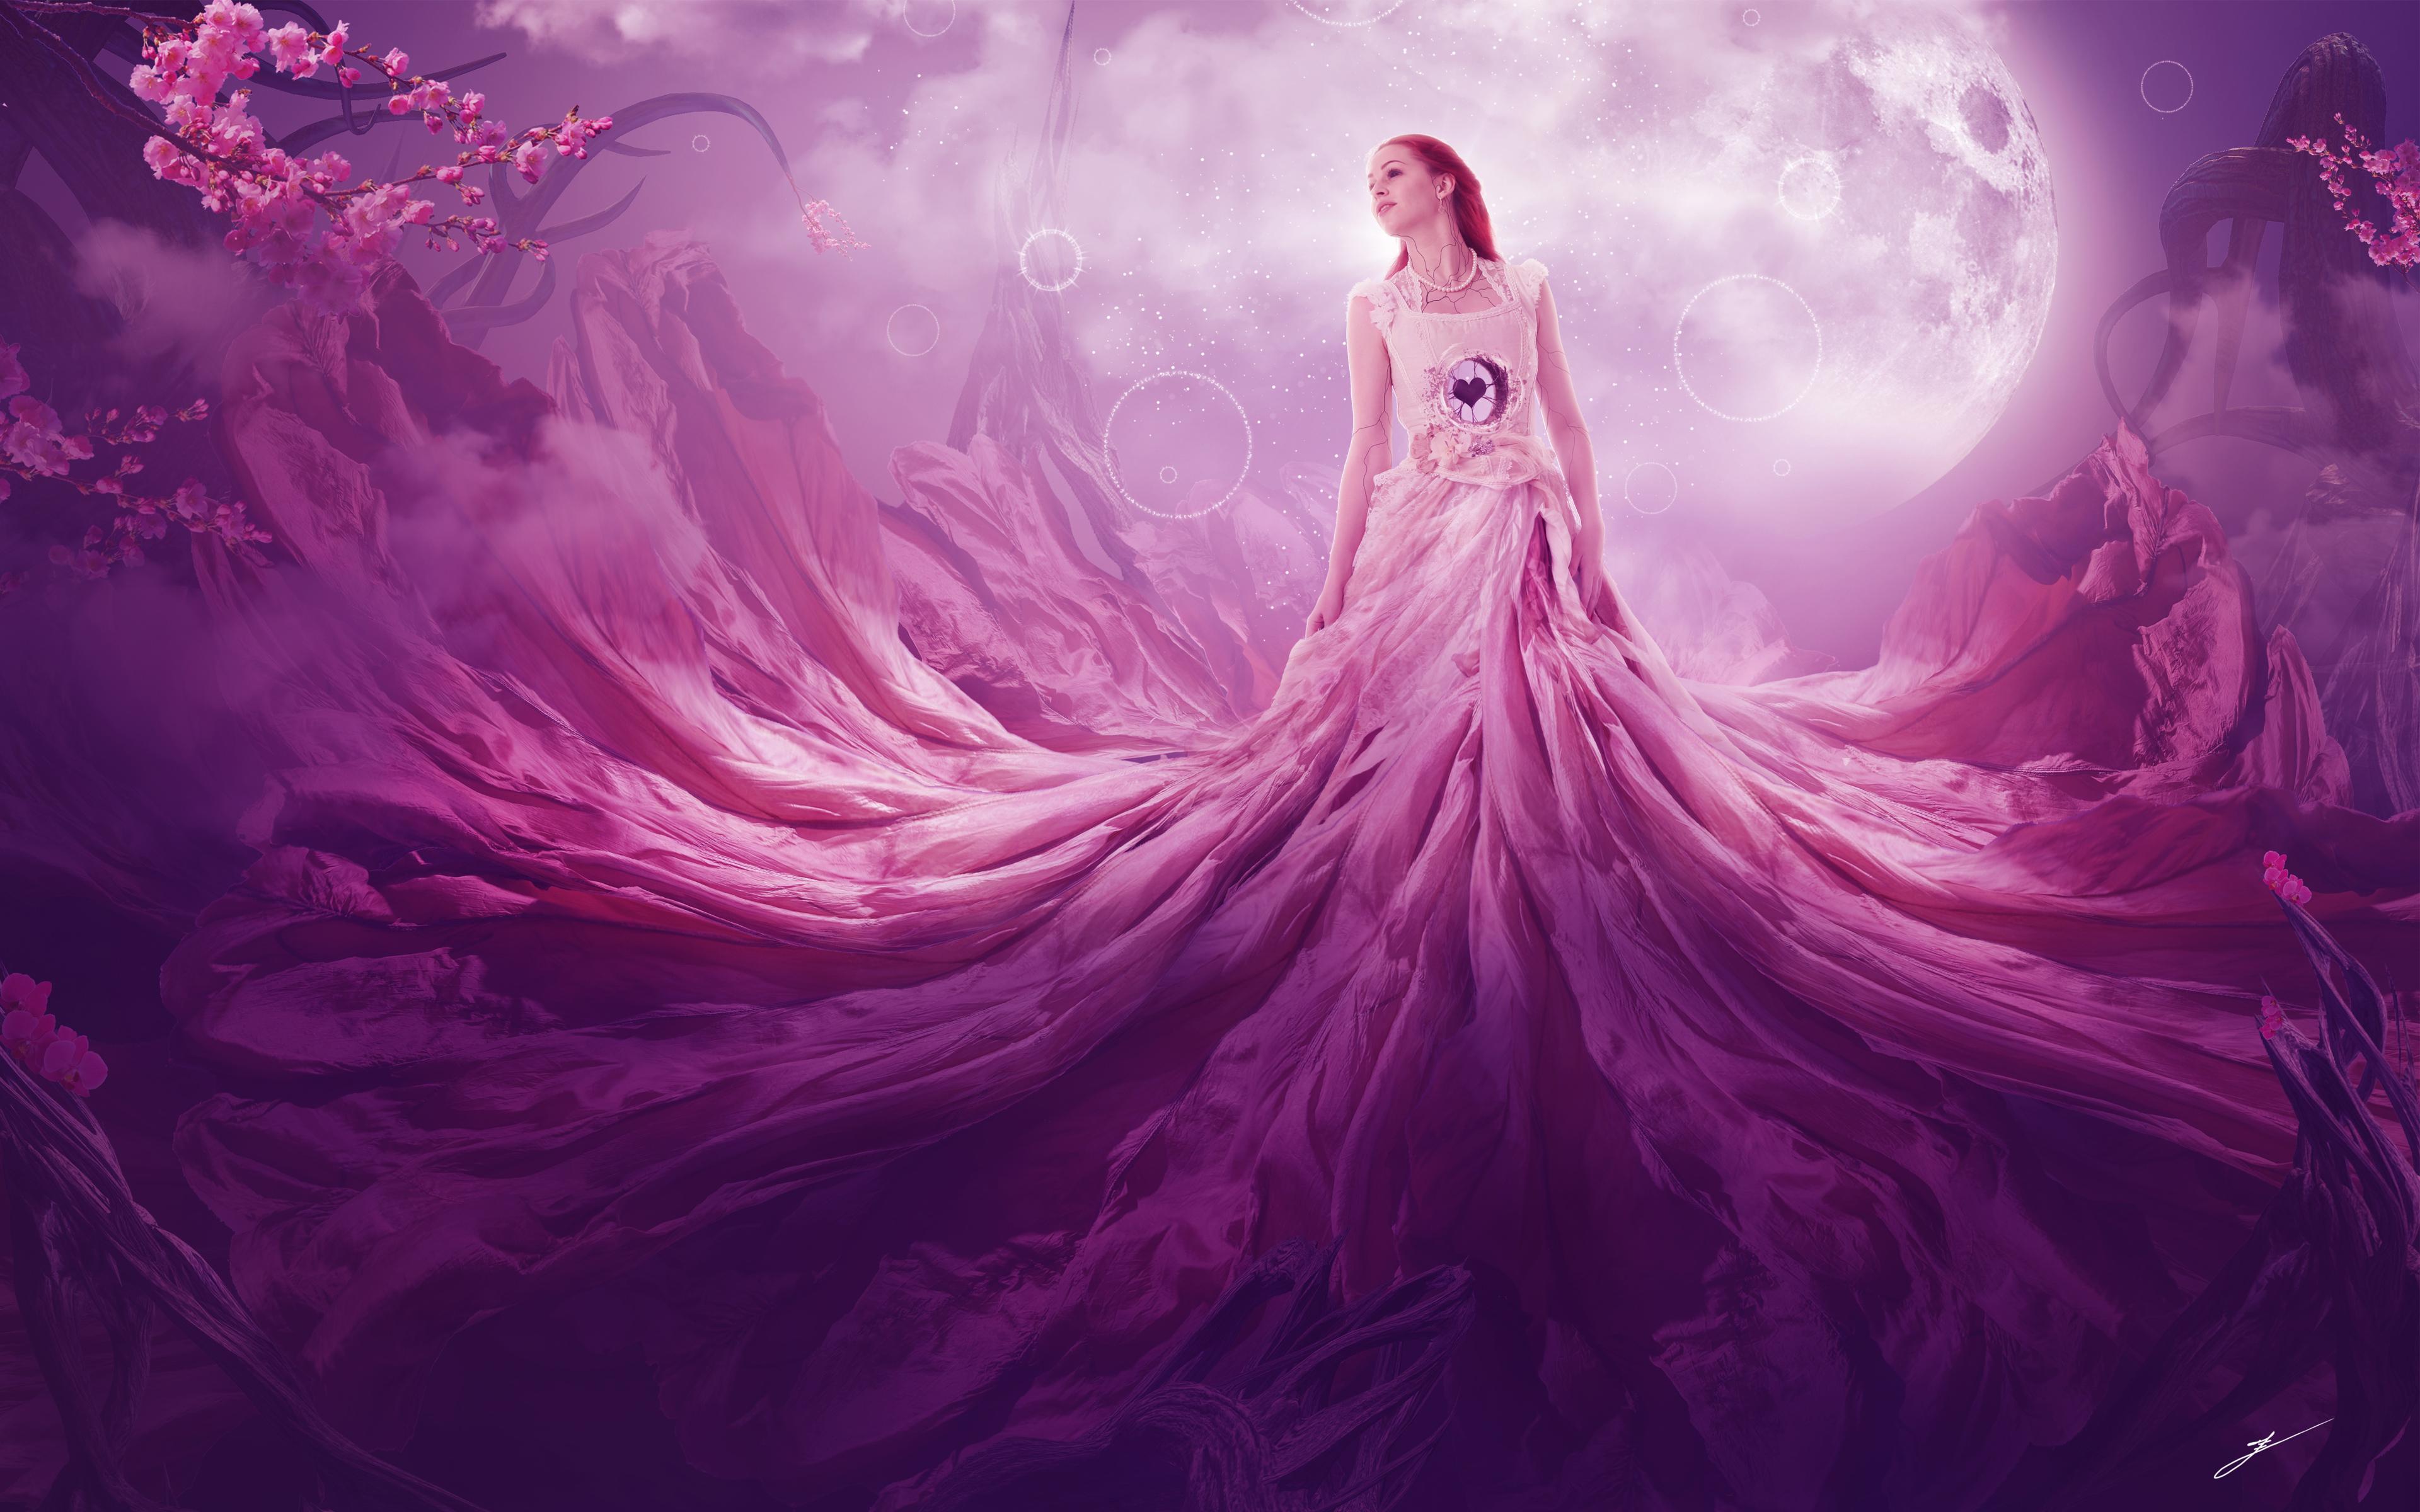 Розовая фантазия обои скачать